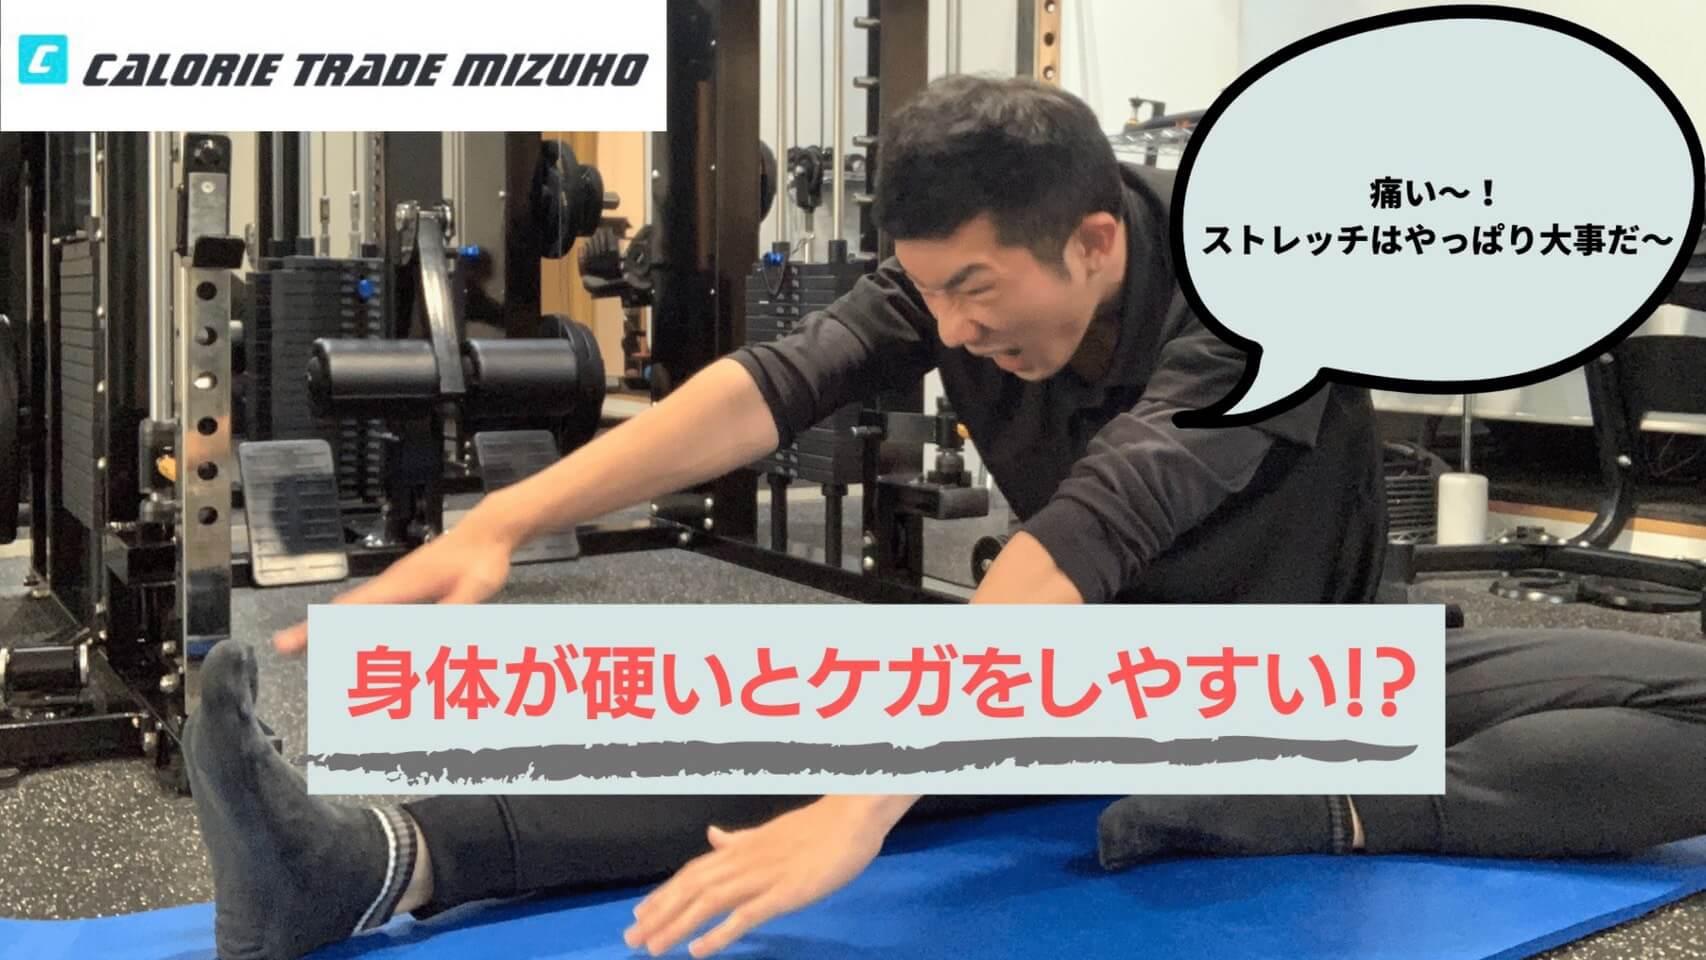 【柔軟性のメリット】身体が硬いとケガをしやすい!?